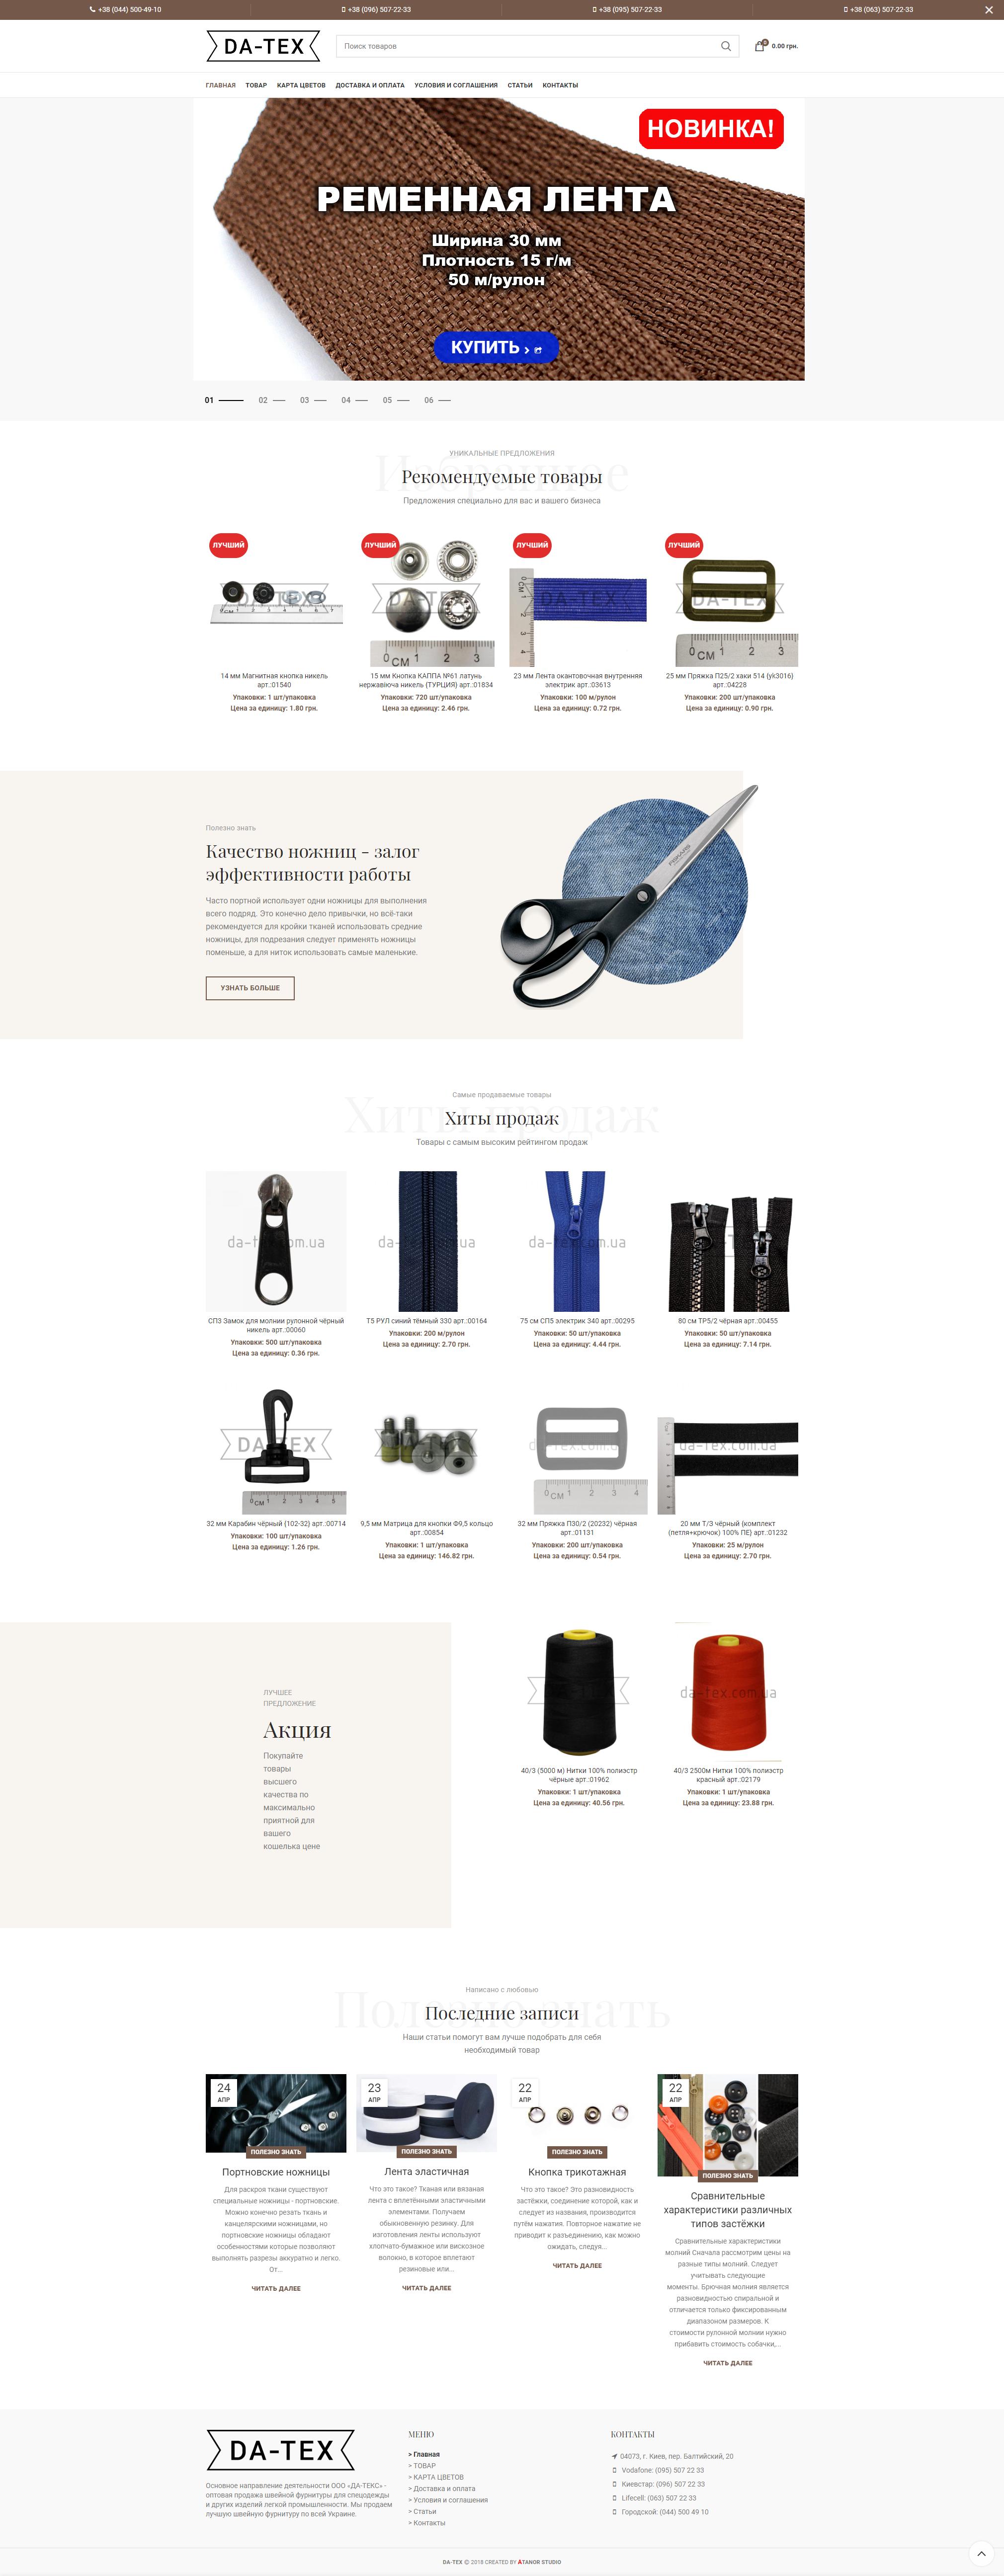 Фото Интернет-магазин швейной фурнитуры «Da-Tex». Проект находился в разработке 1 месяц.